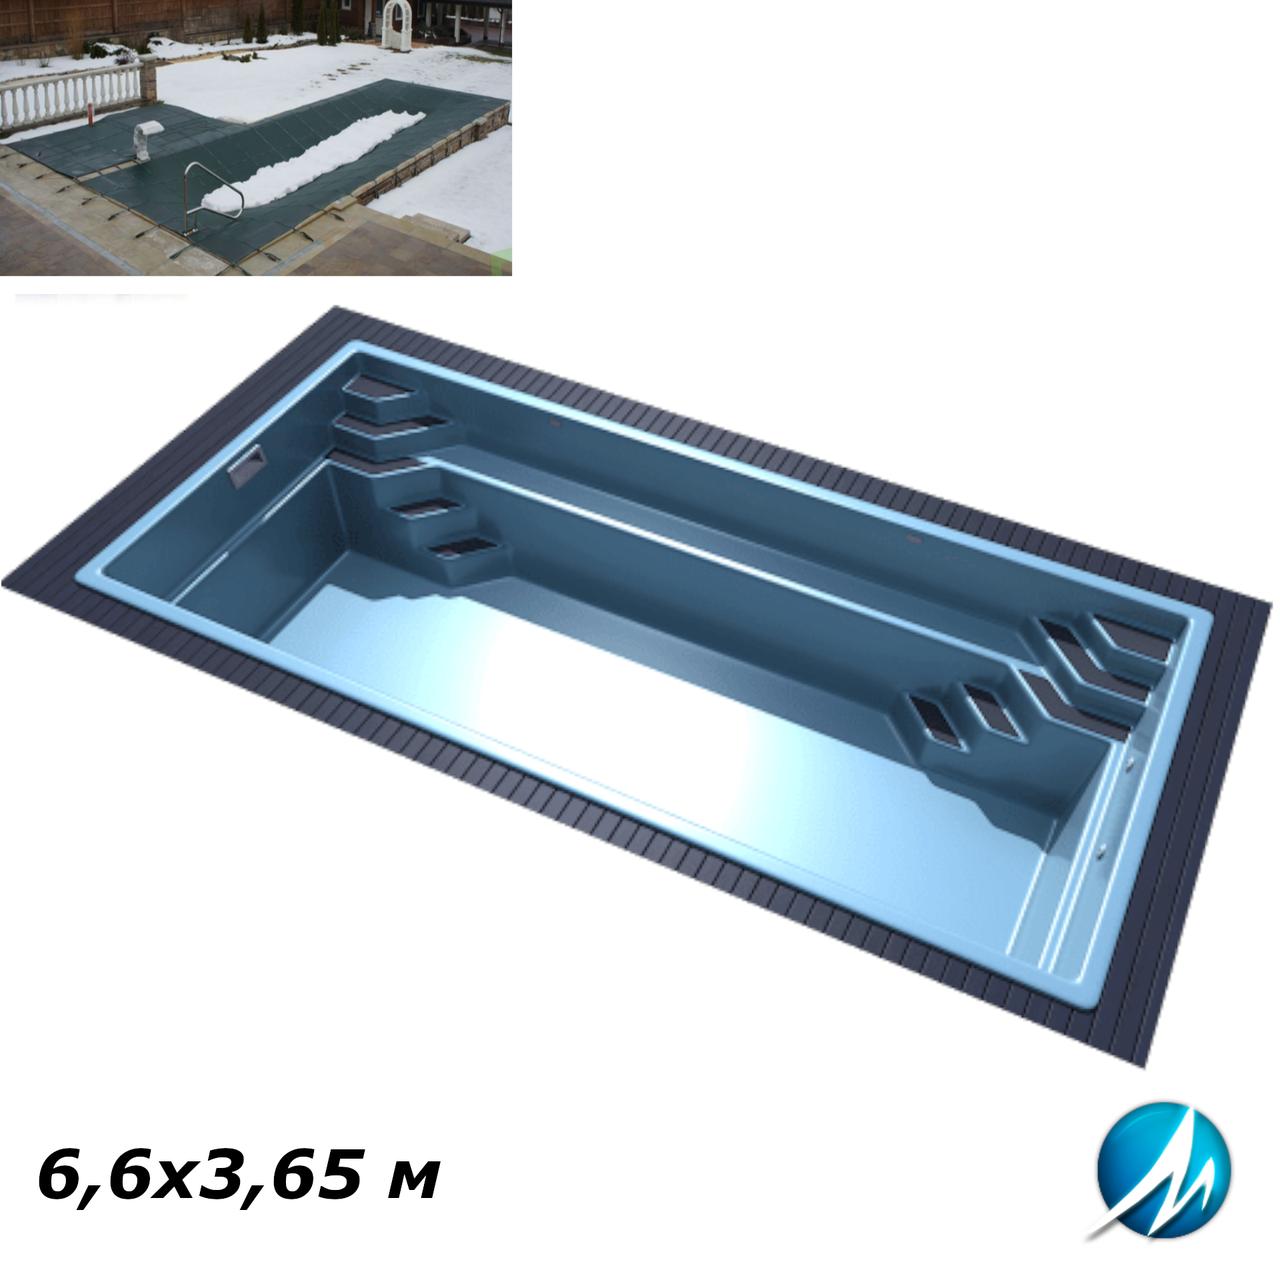 Зимовий накриття для скловолоконного басейну 6,6х3,65 м